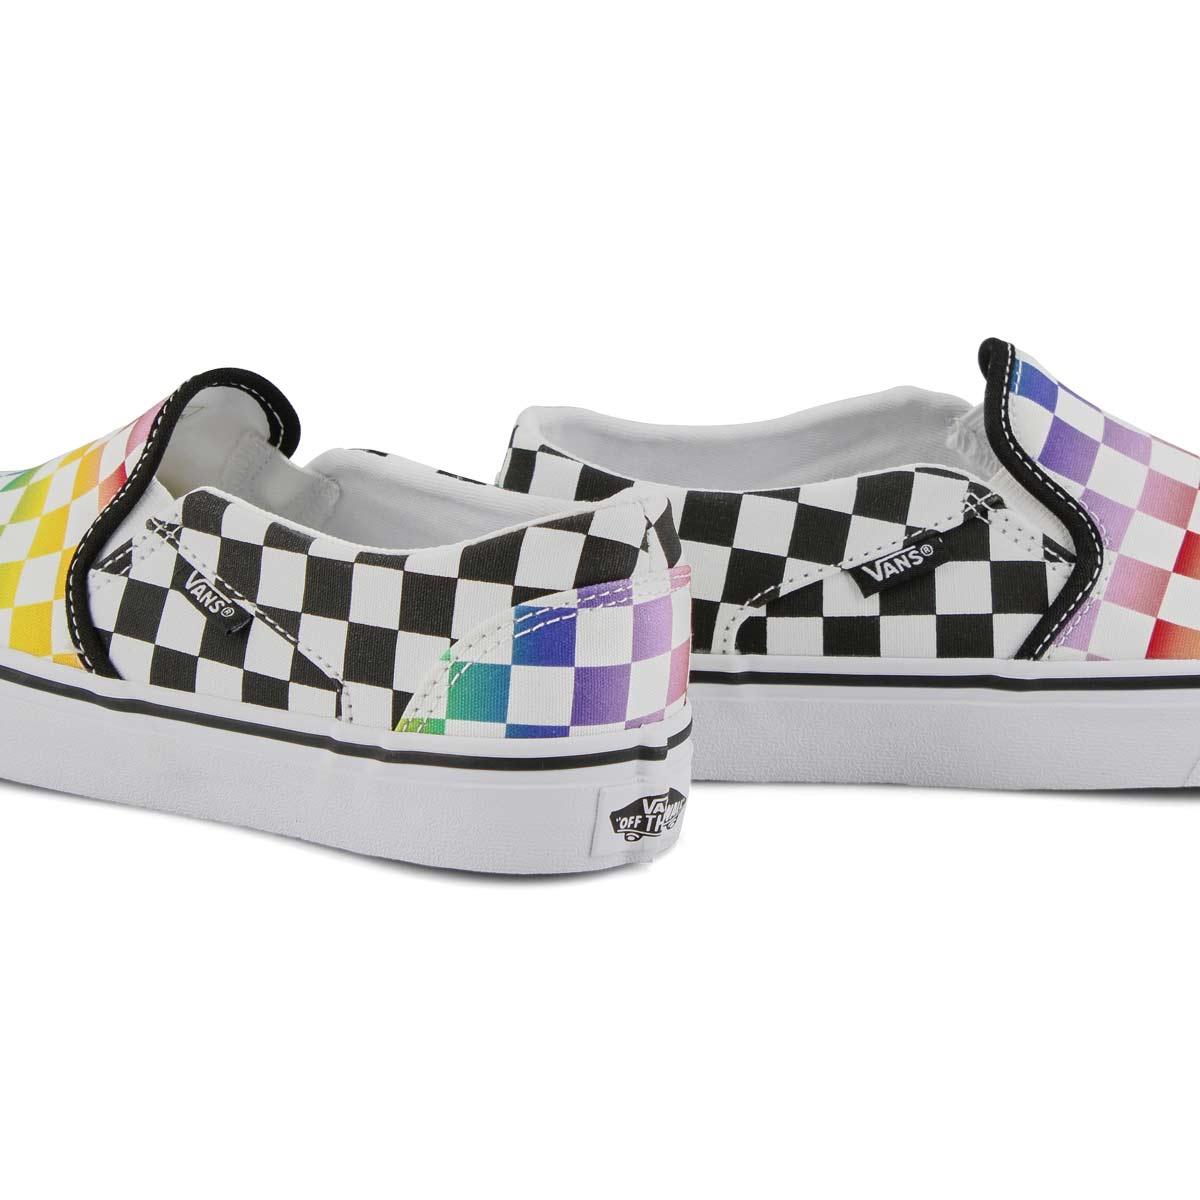 Women's Asher Sneaker - Rainbow Chk/Black/White